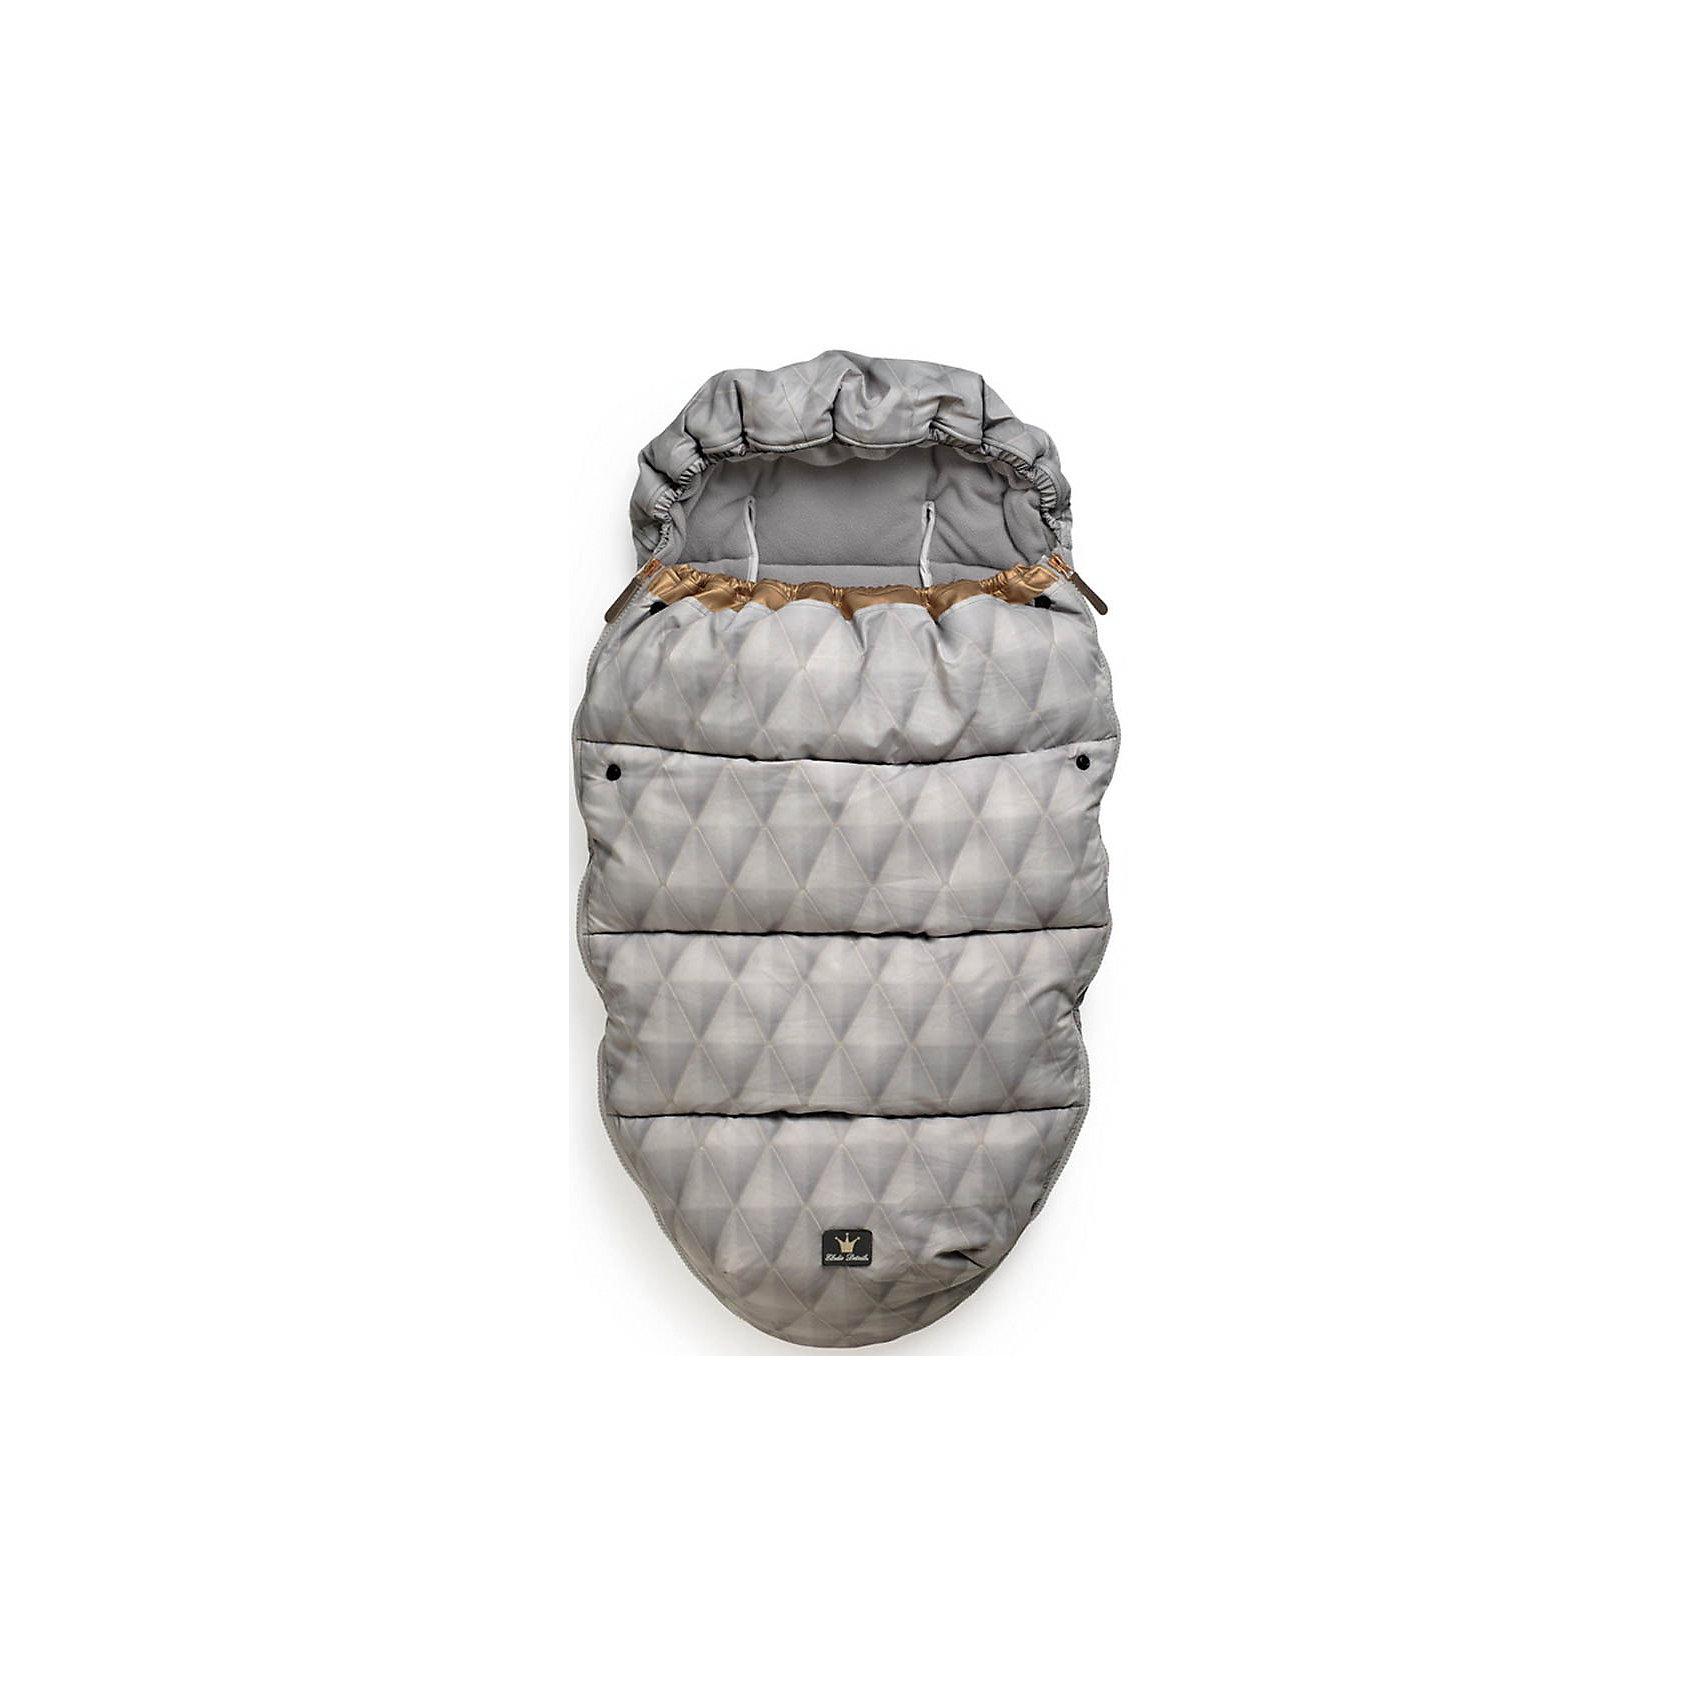 Конверт зимний Gilded Grey, Elodie DetailsКонверт зимний Gilded Grey, Elodie Details (Элоди Дитейлс)<br><br>Характеристики:<br><br>• водо- и ветронепроницаемый материал<br>• теплая флисовая подкладка<br>• верх-капюшон<br>• молния с двух сторон<br>• прорези для 5-точечных ремней безопасности<br>• подходит для всех колясок, в том числе прогулочных<br>• размер: 53х110 см<br>• материал верха: нейлон<br>• материал подкладки: флис<br>• подходит для ручной и автоматической стирки<br><br>С конвертом Gilded Grey ваш малыш всегда будет чувствовать себя комфортно во время прогулок. Верхний материал имеет водо- и ветронепроницаемую поверхность, а флисовая подкладка нежно согреет кроху даже в непогоду. Эластичный верх пригодится при сильном ветре - его можно использовать как капюшон. Конверт имеет удобную форму, которая позволяет малышу двигаться. Модель имеет прорези для пятиточечных ремней безопасности, что позволяет использовать ее практически для любых колясок, включая прогулочные. Стирать конверт очень просто: он подходит для автоматической и ручной стирки. Позаботьтесь о комфорте крохи с конвертом Gilded Grey!<br><br>Конверт зимний Gilded Grey, Elodie Details (Элоди Дитейлс) можно купить в нашем интернет-магазине.<br><br>Ширина мм: 1100<br>Глубина мм: 530<br>Высота мм: 60<br>Вес г: 900<br>Возраст от месяцев: 0<br>Возраст до месяцев: 12<br>Пол: Унисекс<br>Возраст: Детский<br>SKU: 4966147